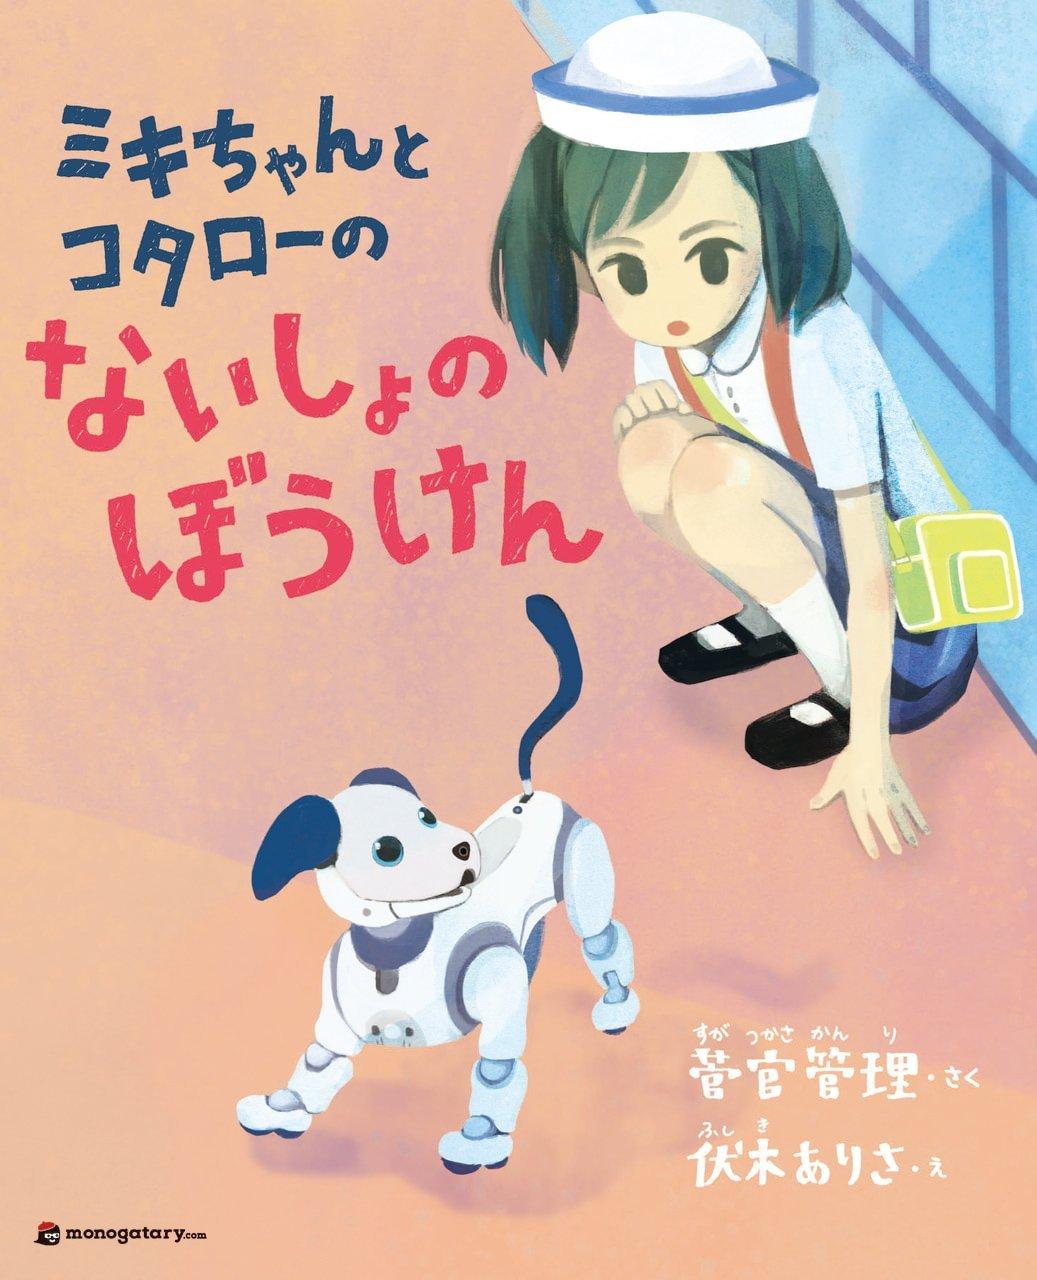 絵本『ミキちゃんとコタローのないしょの冒険』